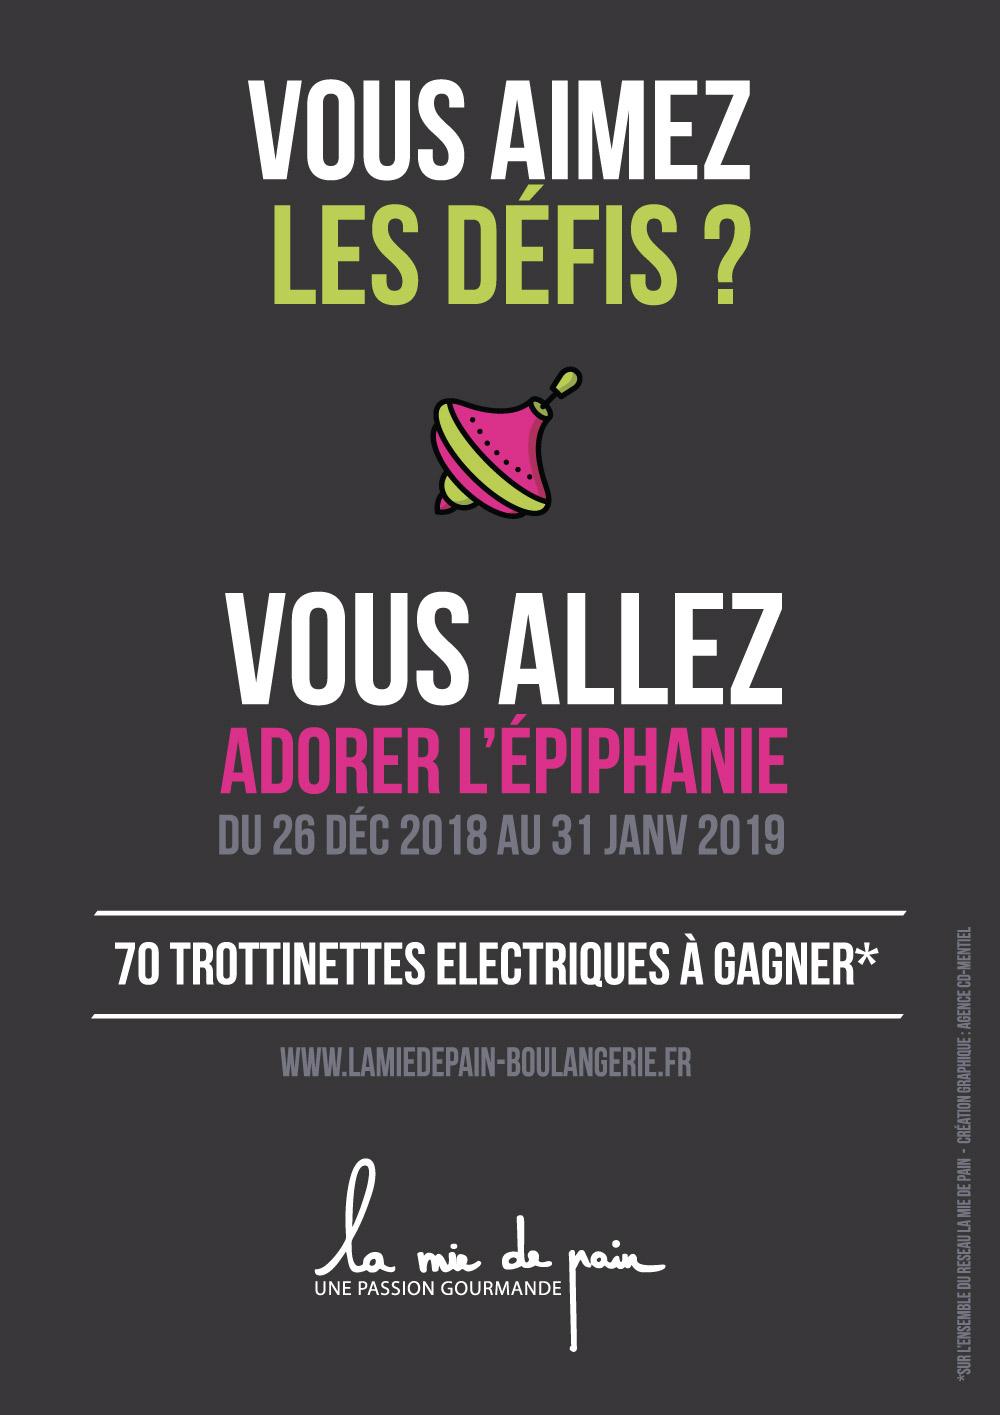 A4-paru-vendu-pub-La-mie-de-pain-epiphanie-du-26dec18-au-31-janv2019